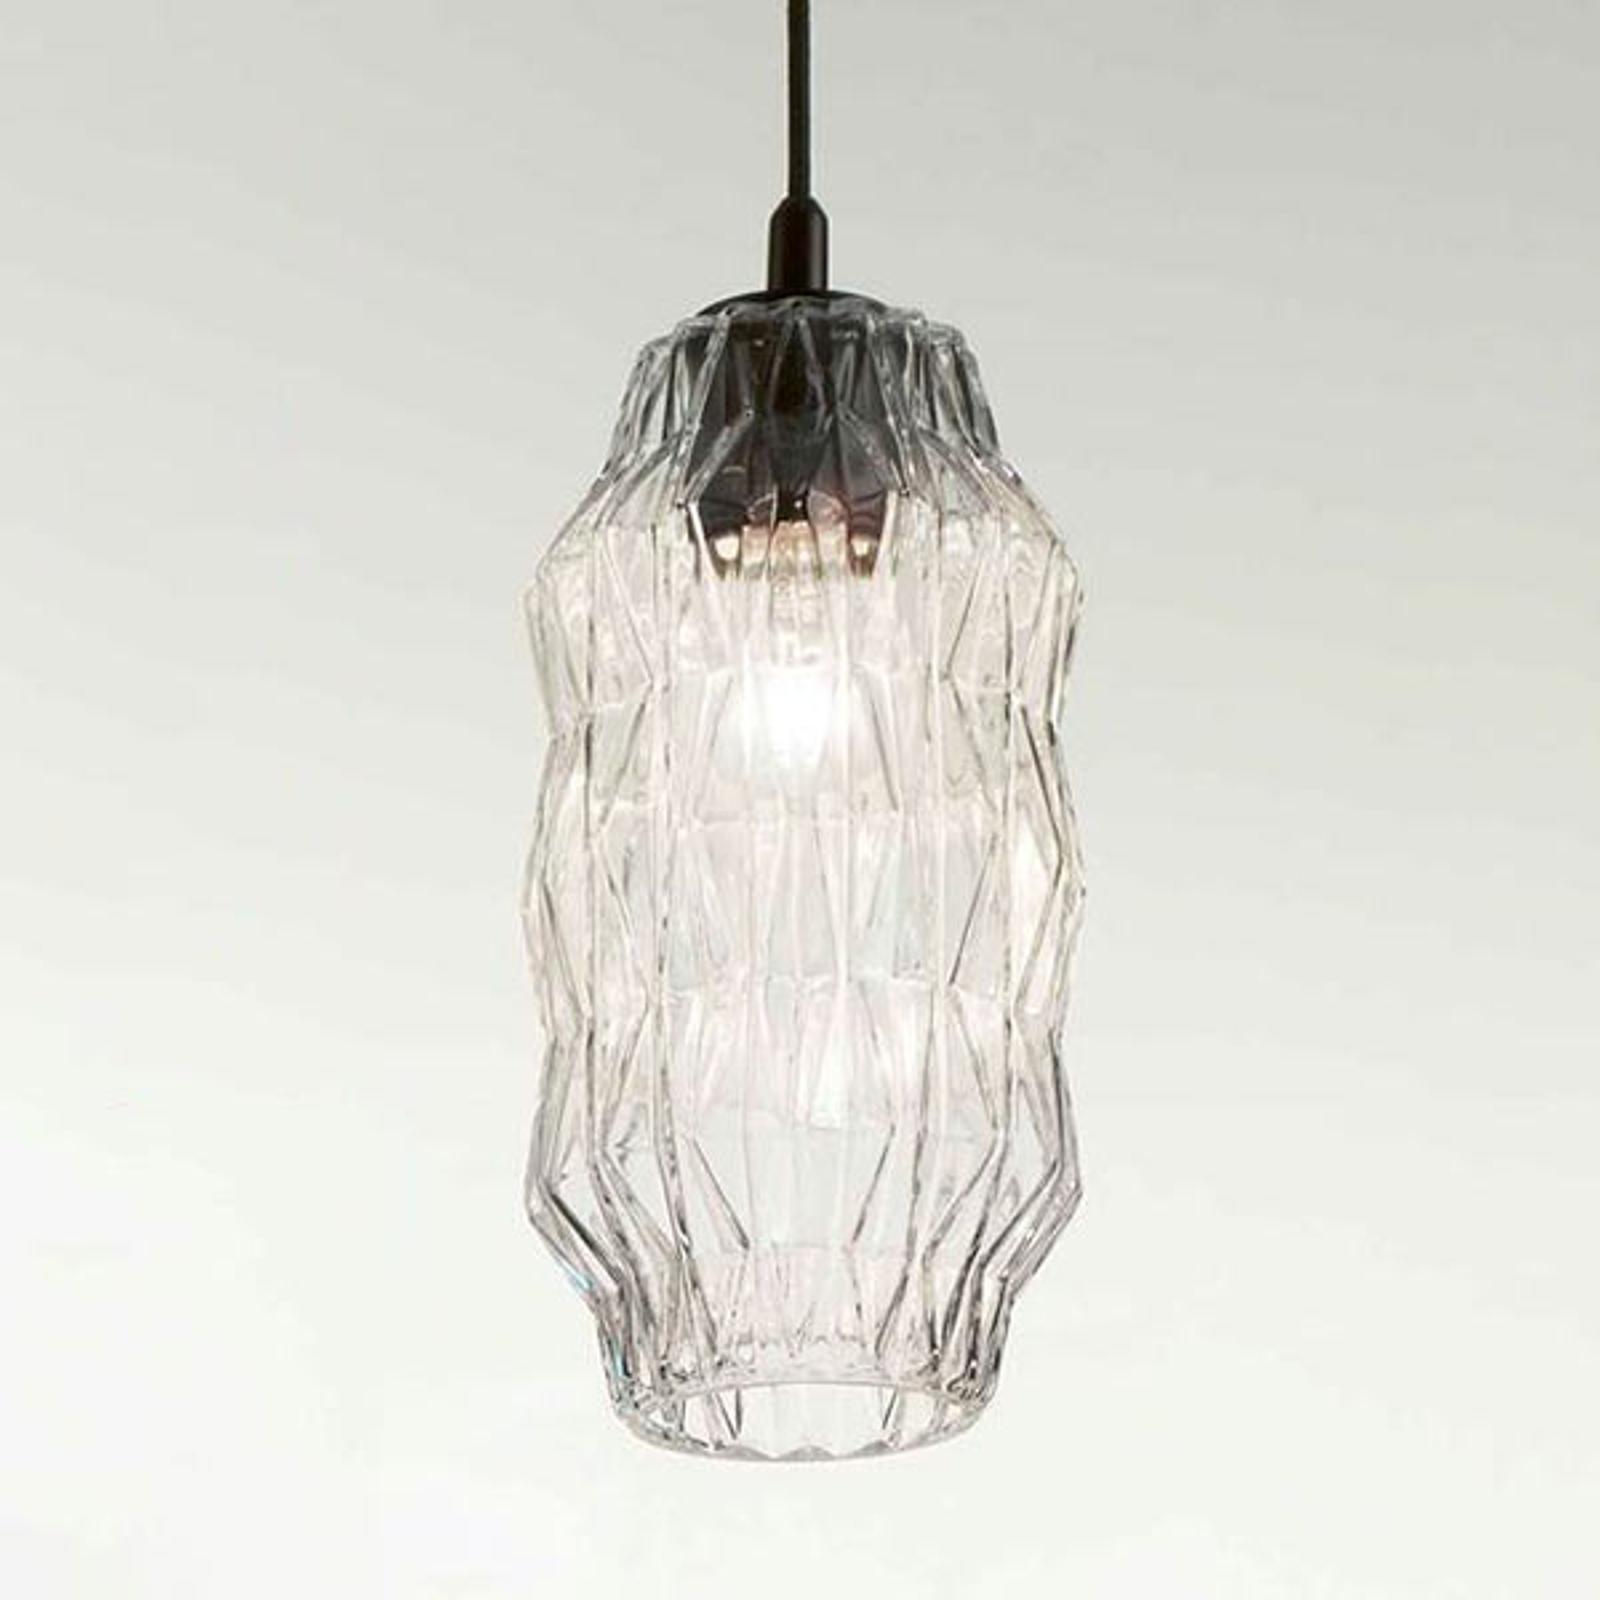 Lampa wisząca Origami ze szkła, przezroczysta